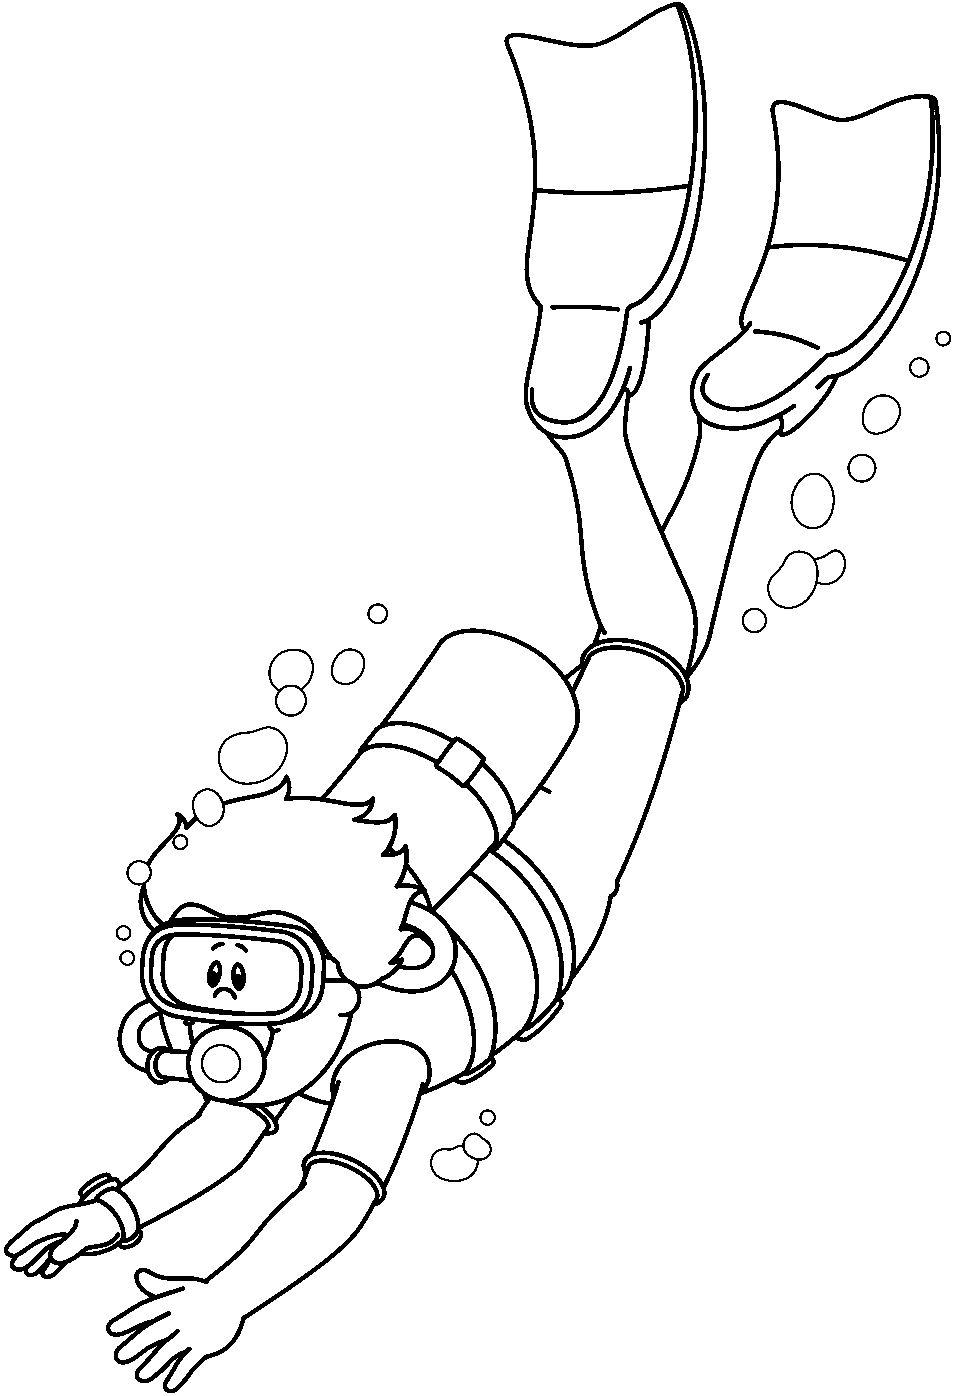 dibujos de buceo y submarinismo para colorear y pintar